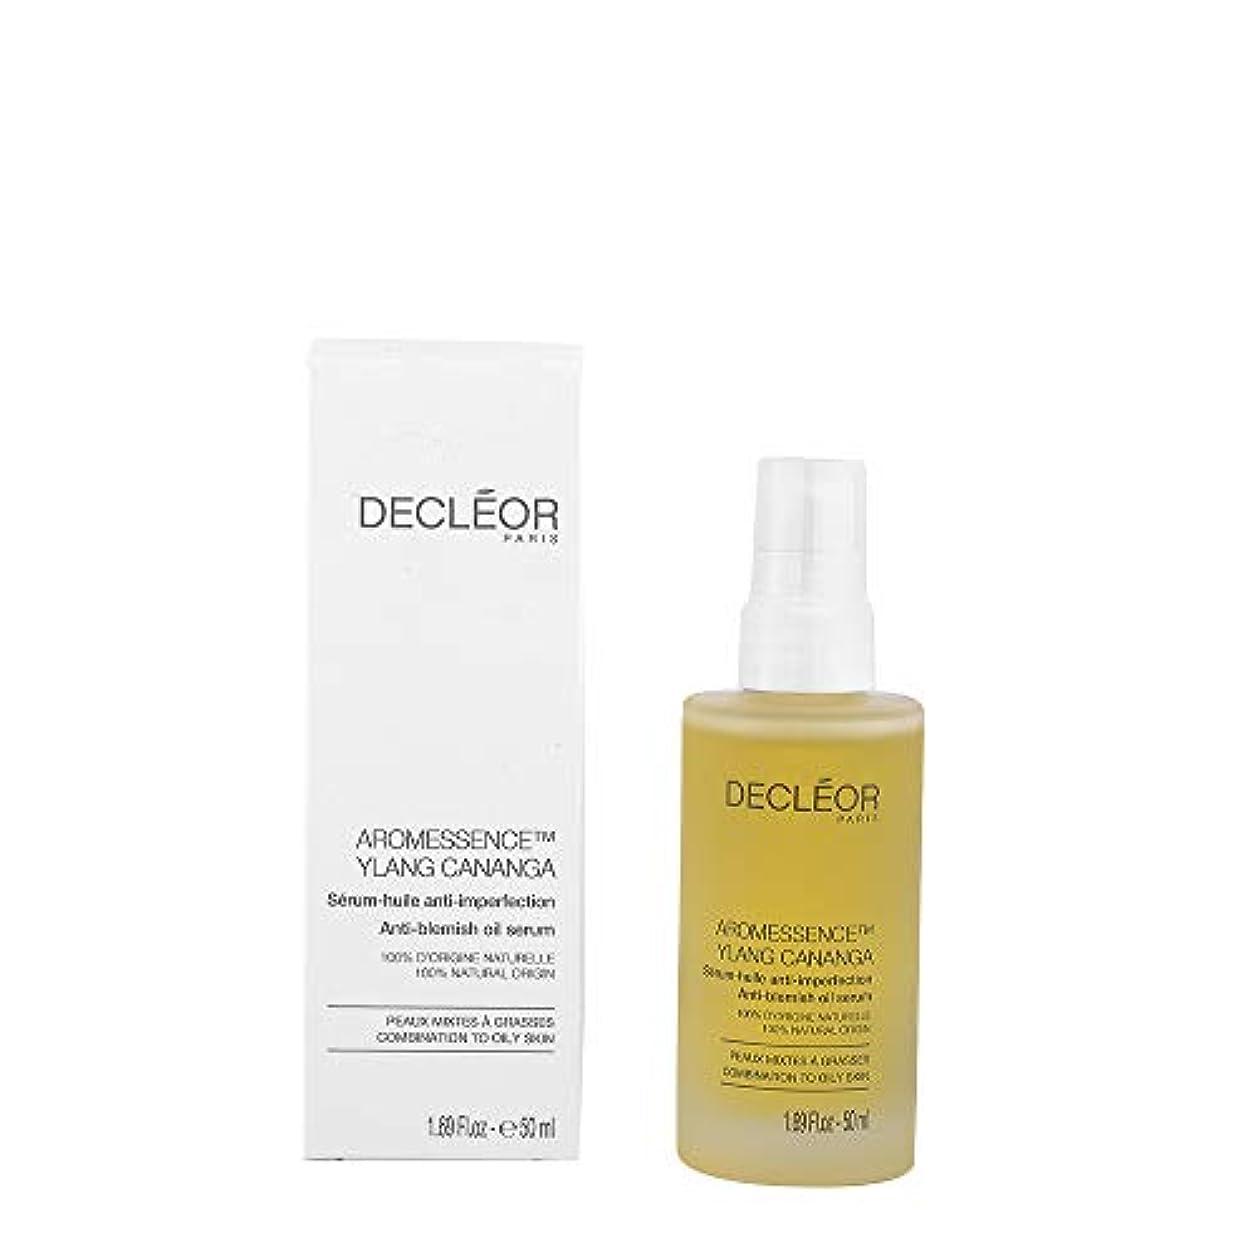 延ばす組クラフトデクレオール Aromessence Ylang Cananga Anti-Blemish Oil Serum - For Combination to Oily Skin (Salon Size) 50ml/1.69oz...